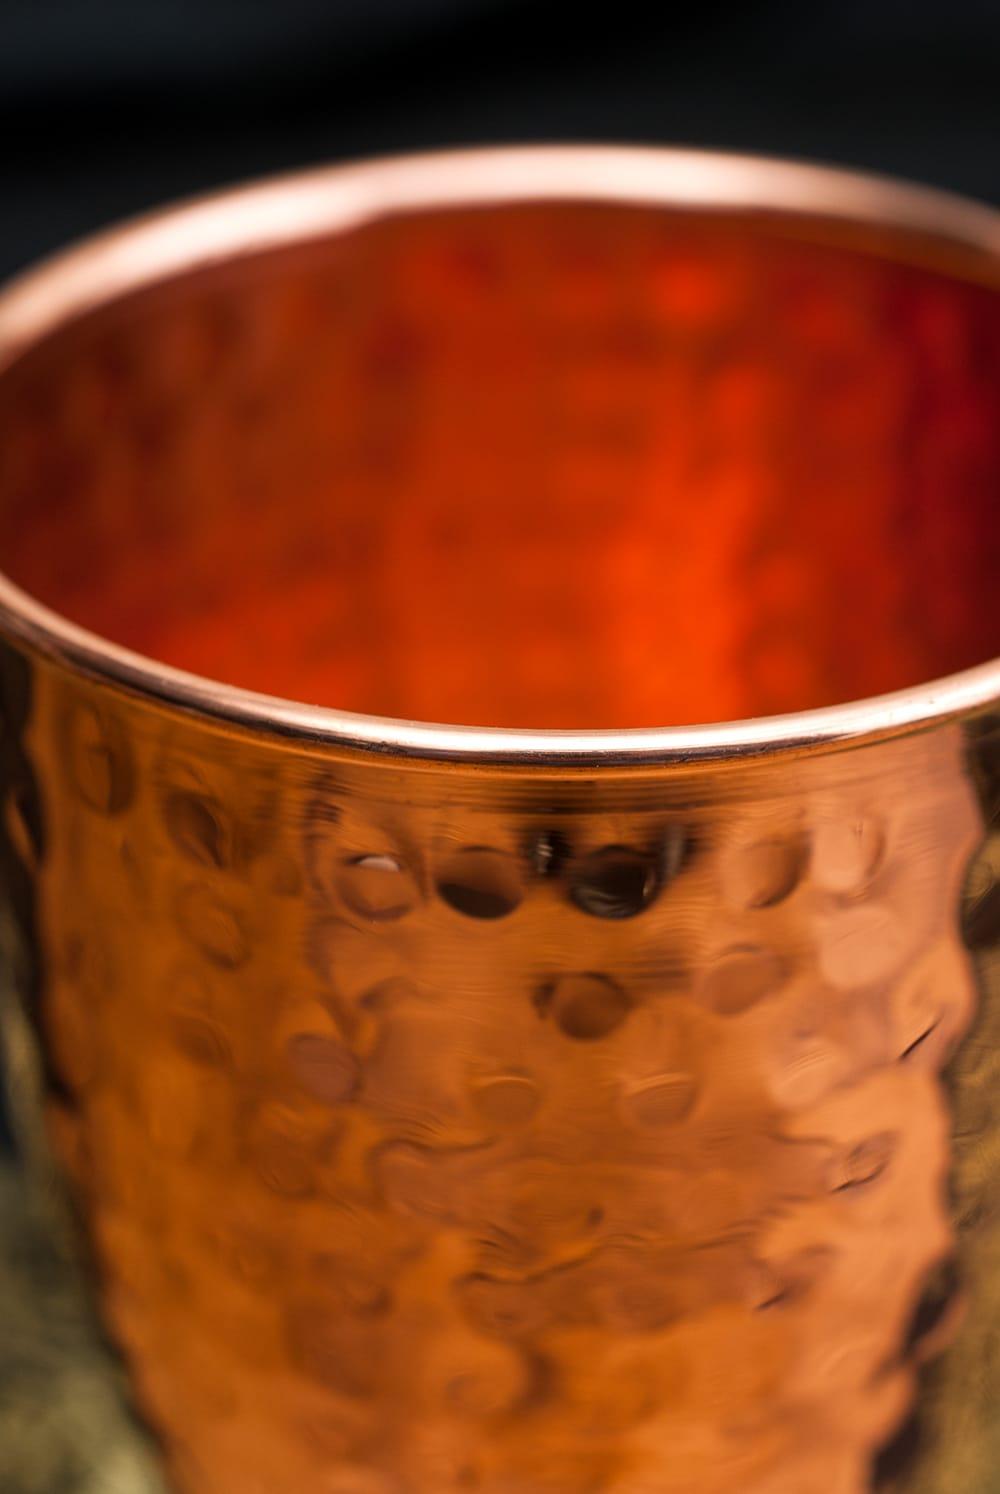 インドの鎚目付き銅装飾コップ【高さ:11.5cm×直径:8.5cm】 2 - 飲み口の部分は丸め加工がなされています。